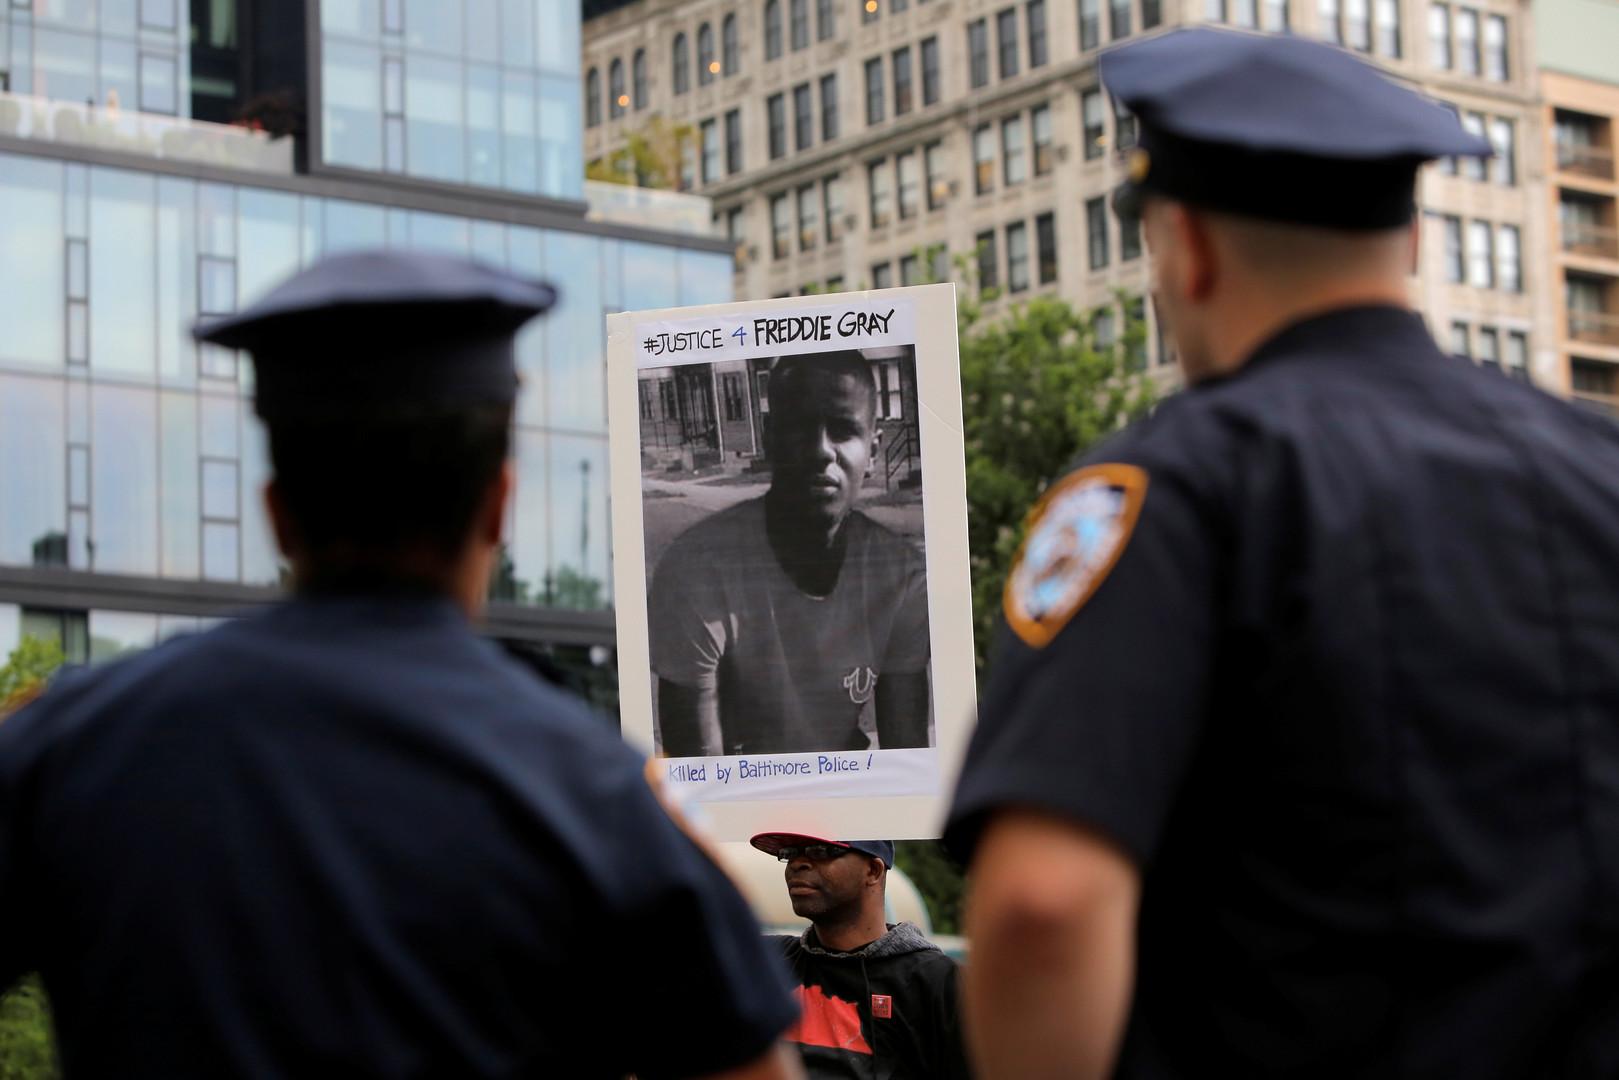 В США сняли обвинения со всех полицейских, причастных к смерти афроамериканца в Балтиморе